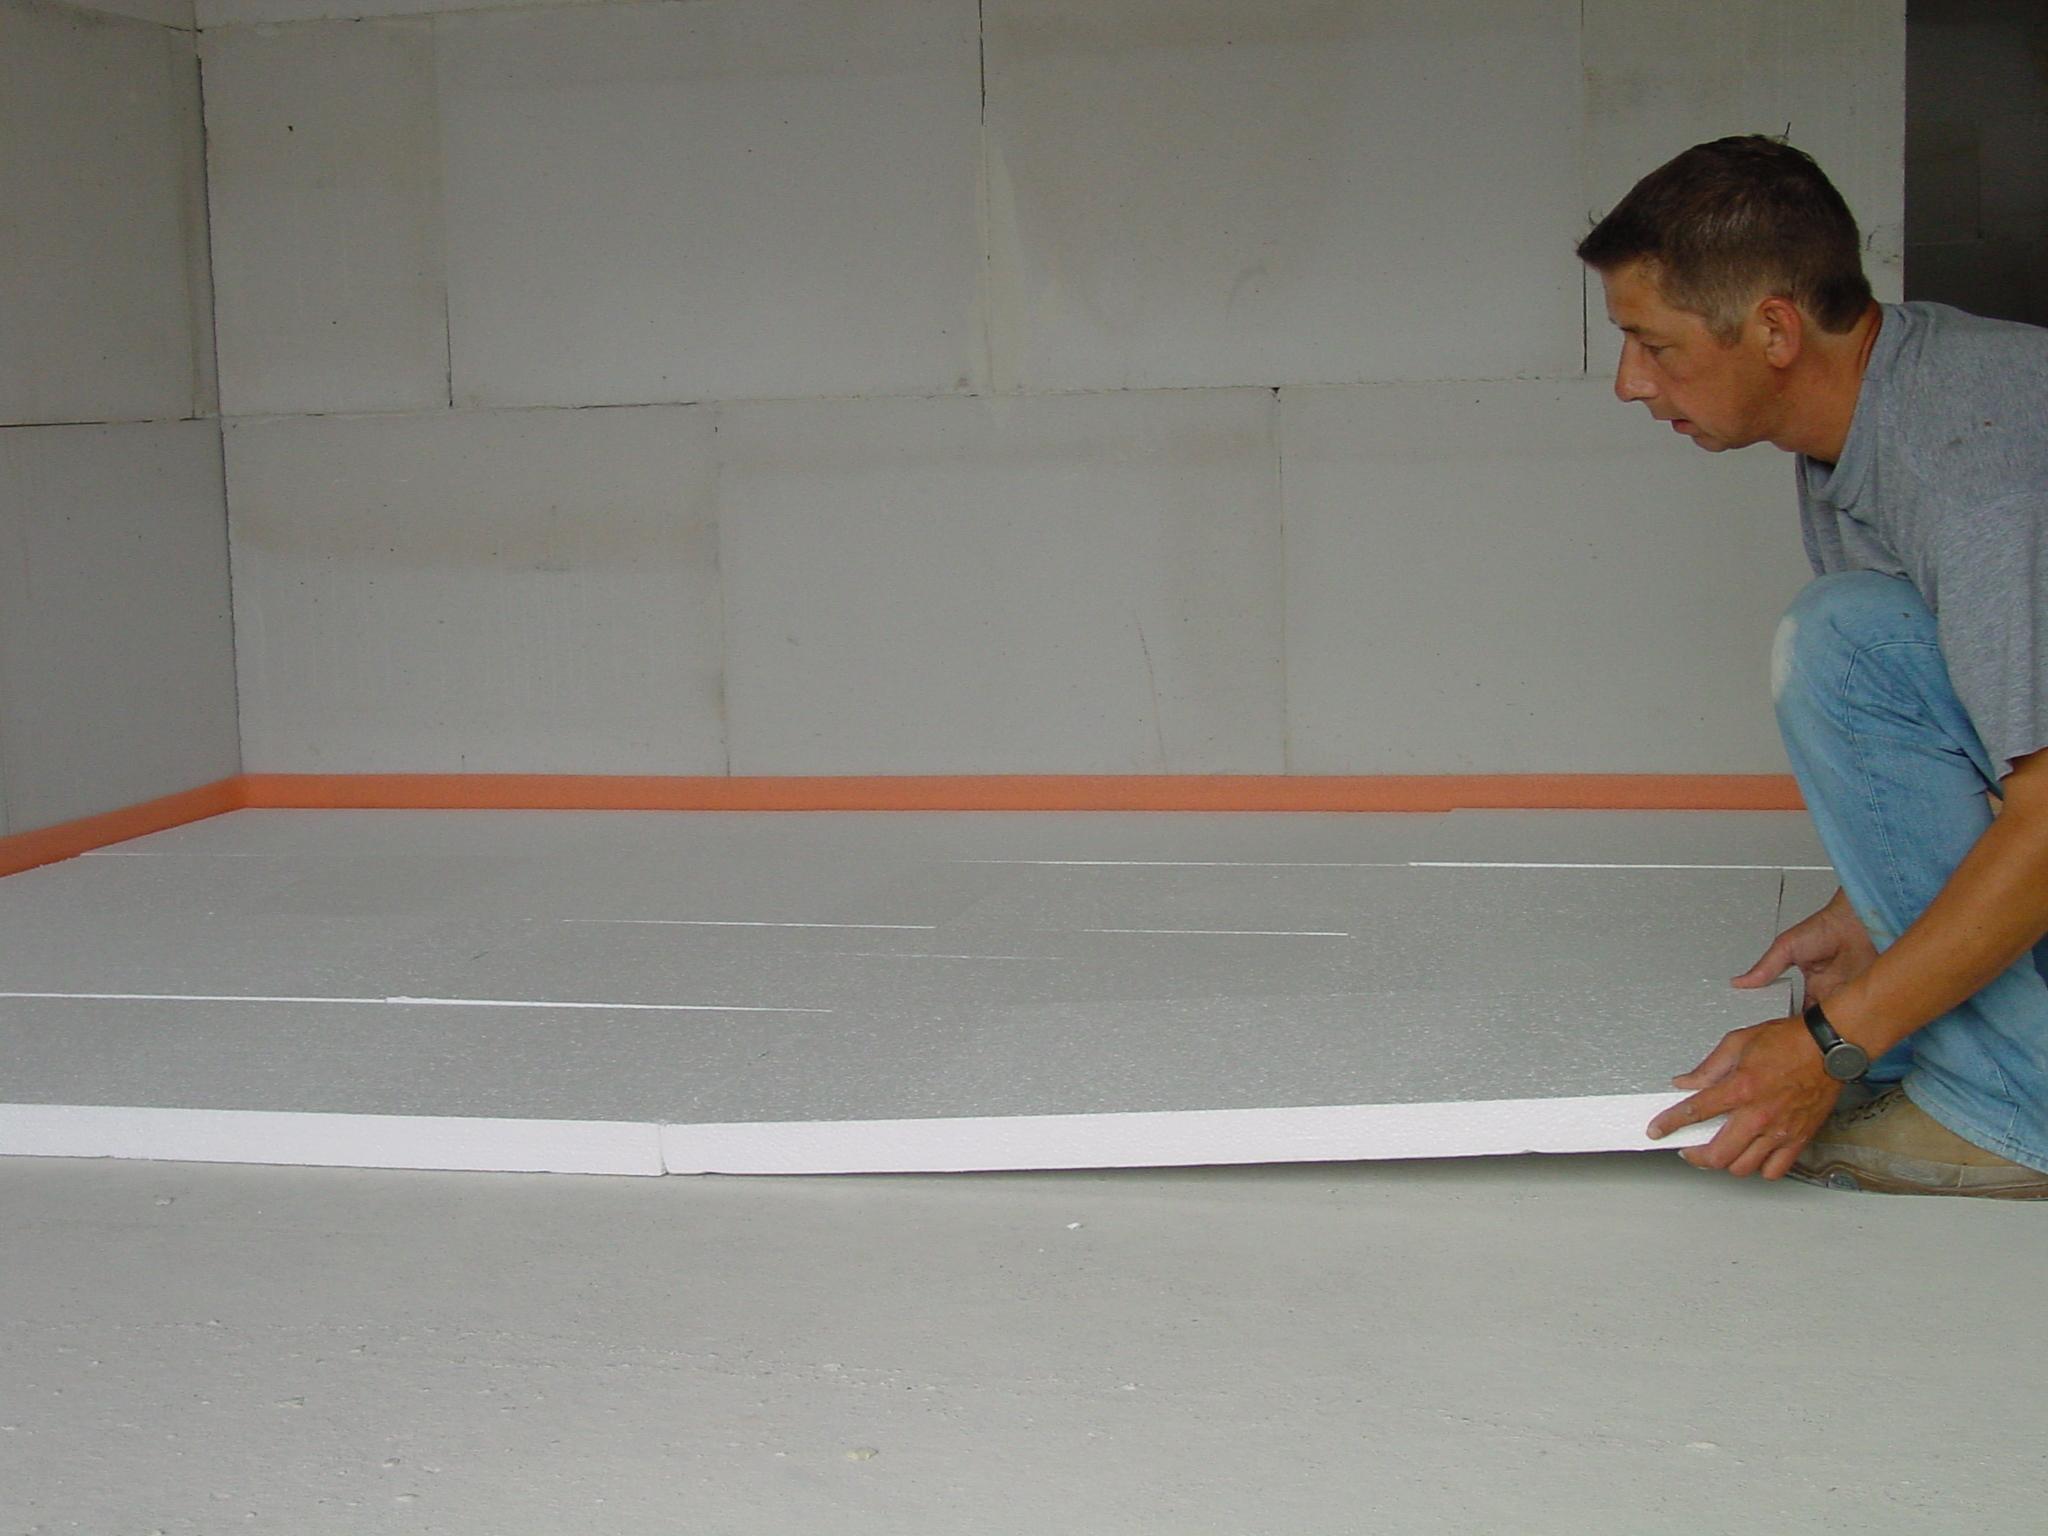 Contactgeluidsisolatie Houten Vloeren : Db vloerplaat geluidsisolatie isobouw: isolatie